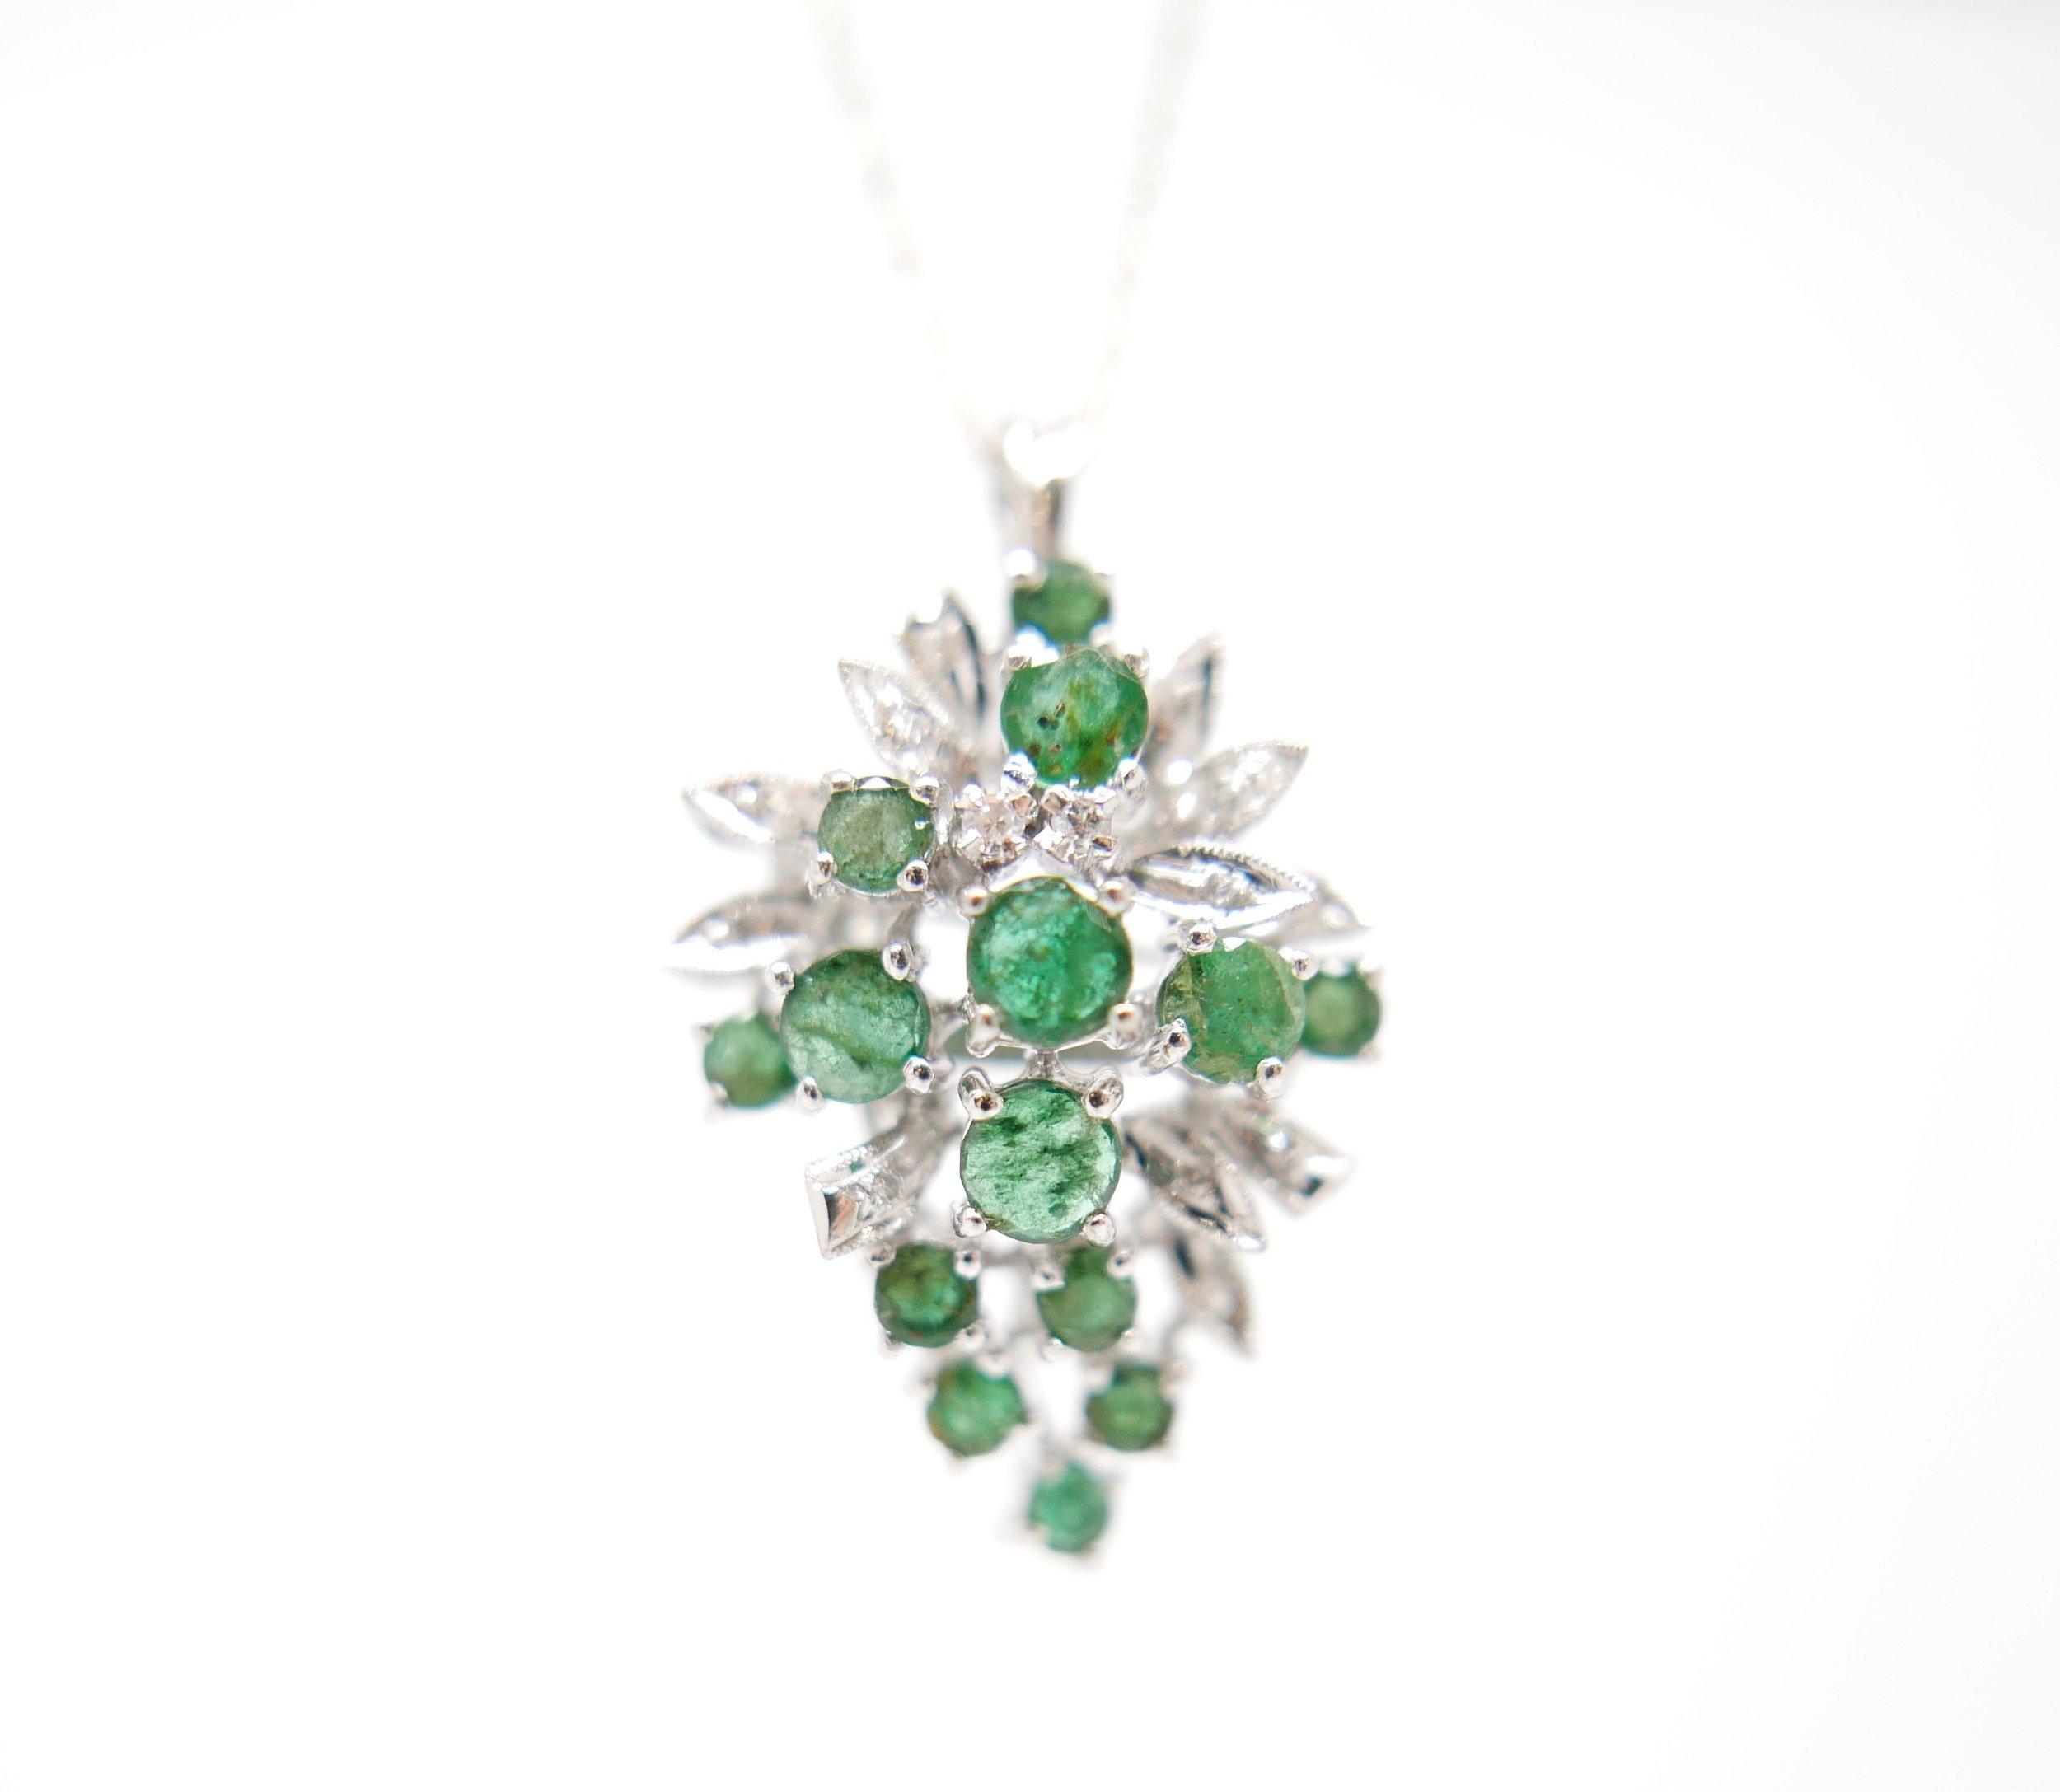 6eb1eb83368e4 Emerald & Diamond Pendant in 18ct White Gold